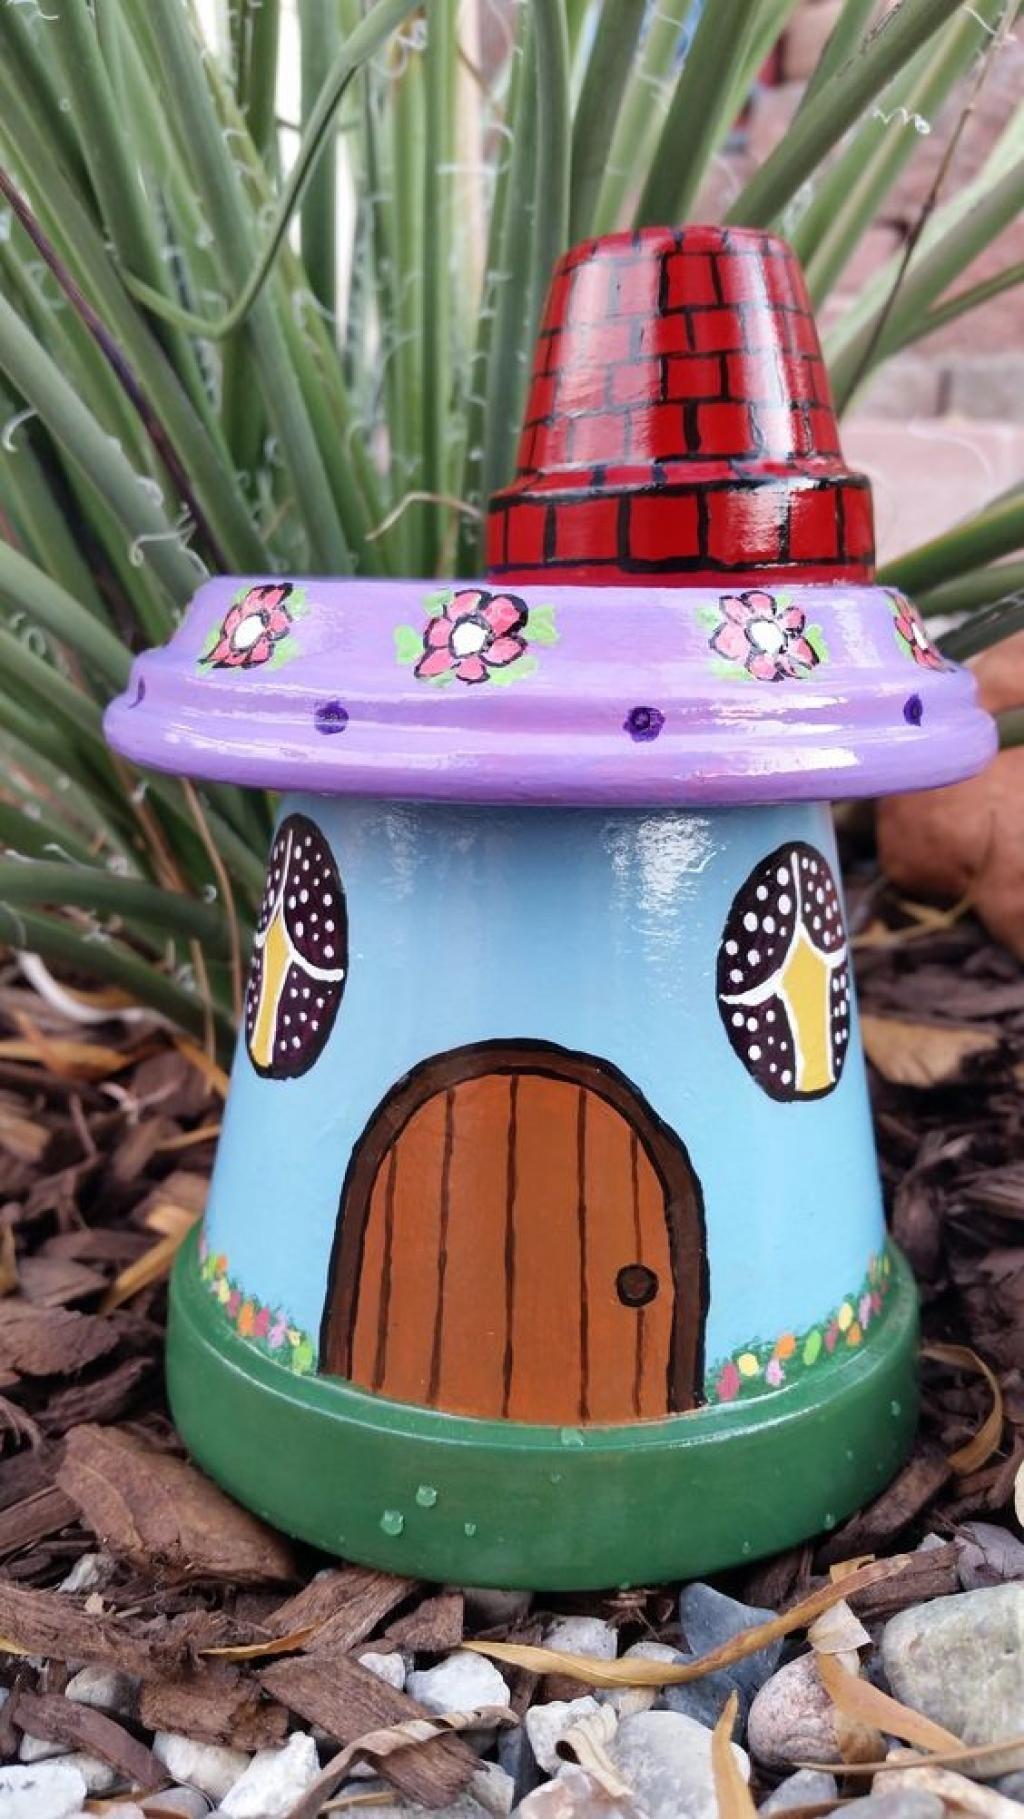 12 nouveaux mod les de d corations de jardin faire avec des pots en terre cuite taaha. Black Bedroom Furniture Sets. Home Design Ideas